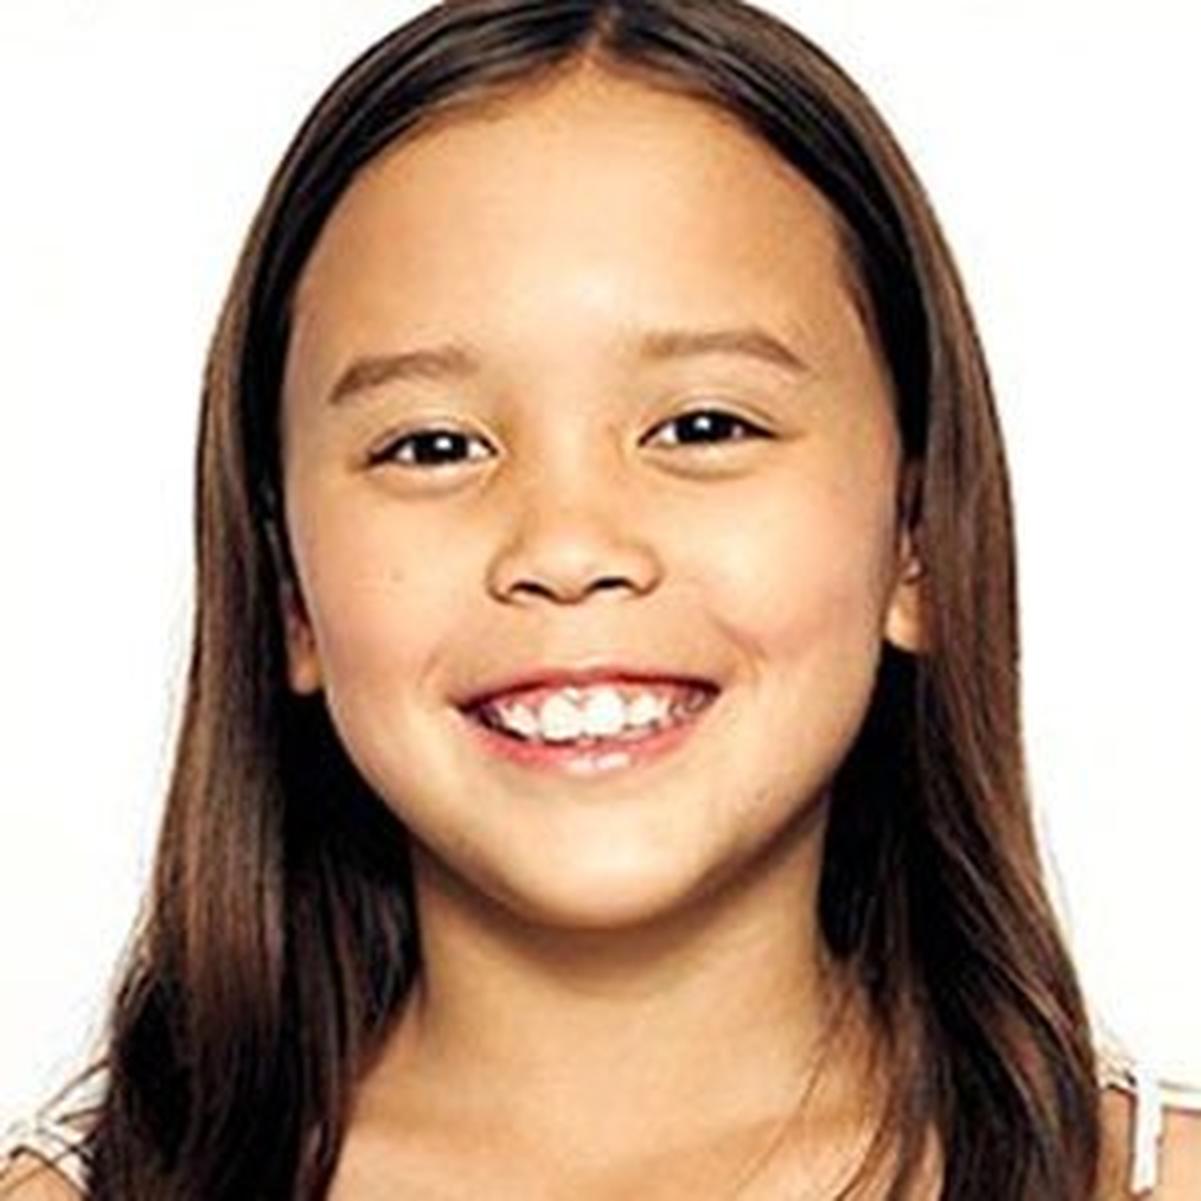 Leah Gosselin